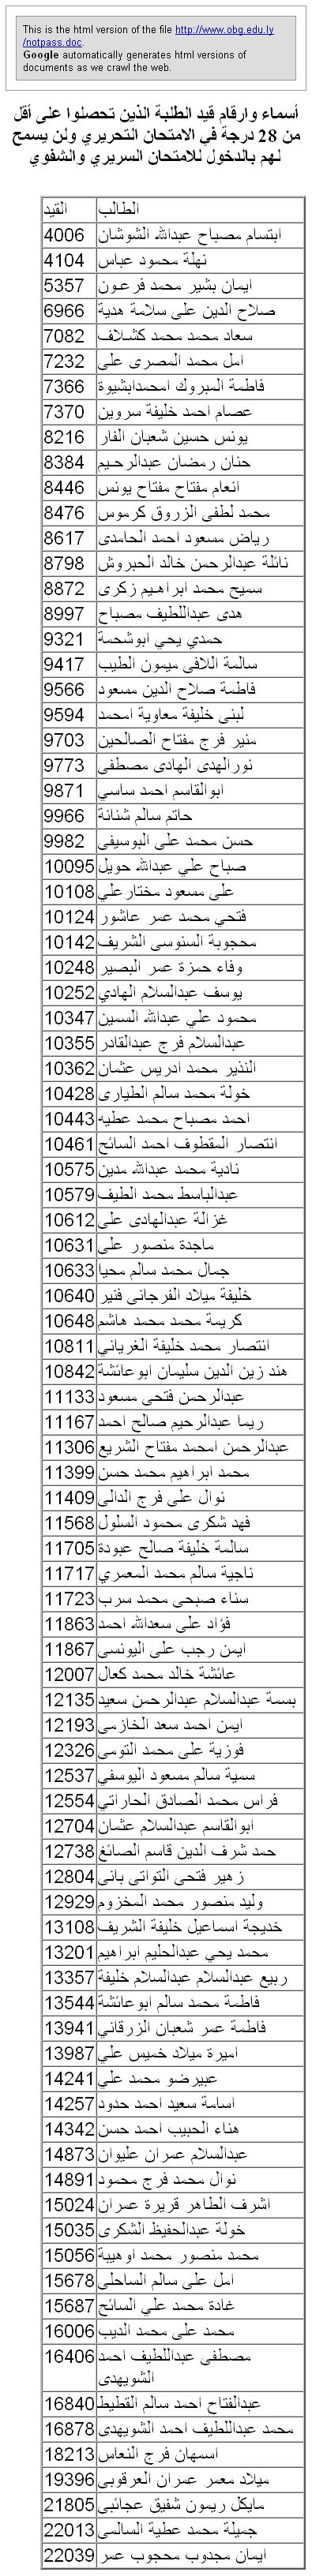 قائمة بأسماء طلاب طب